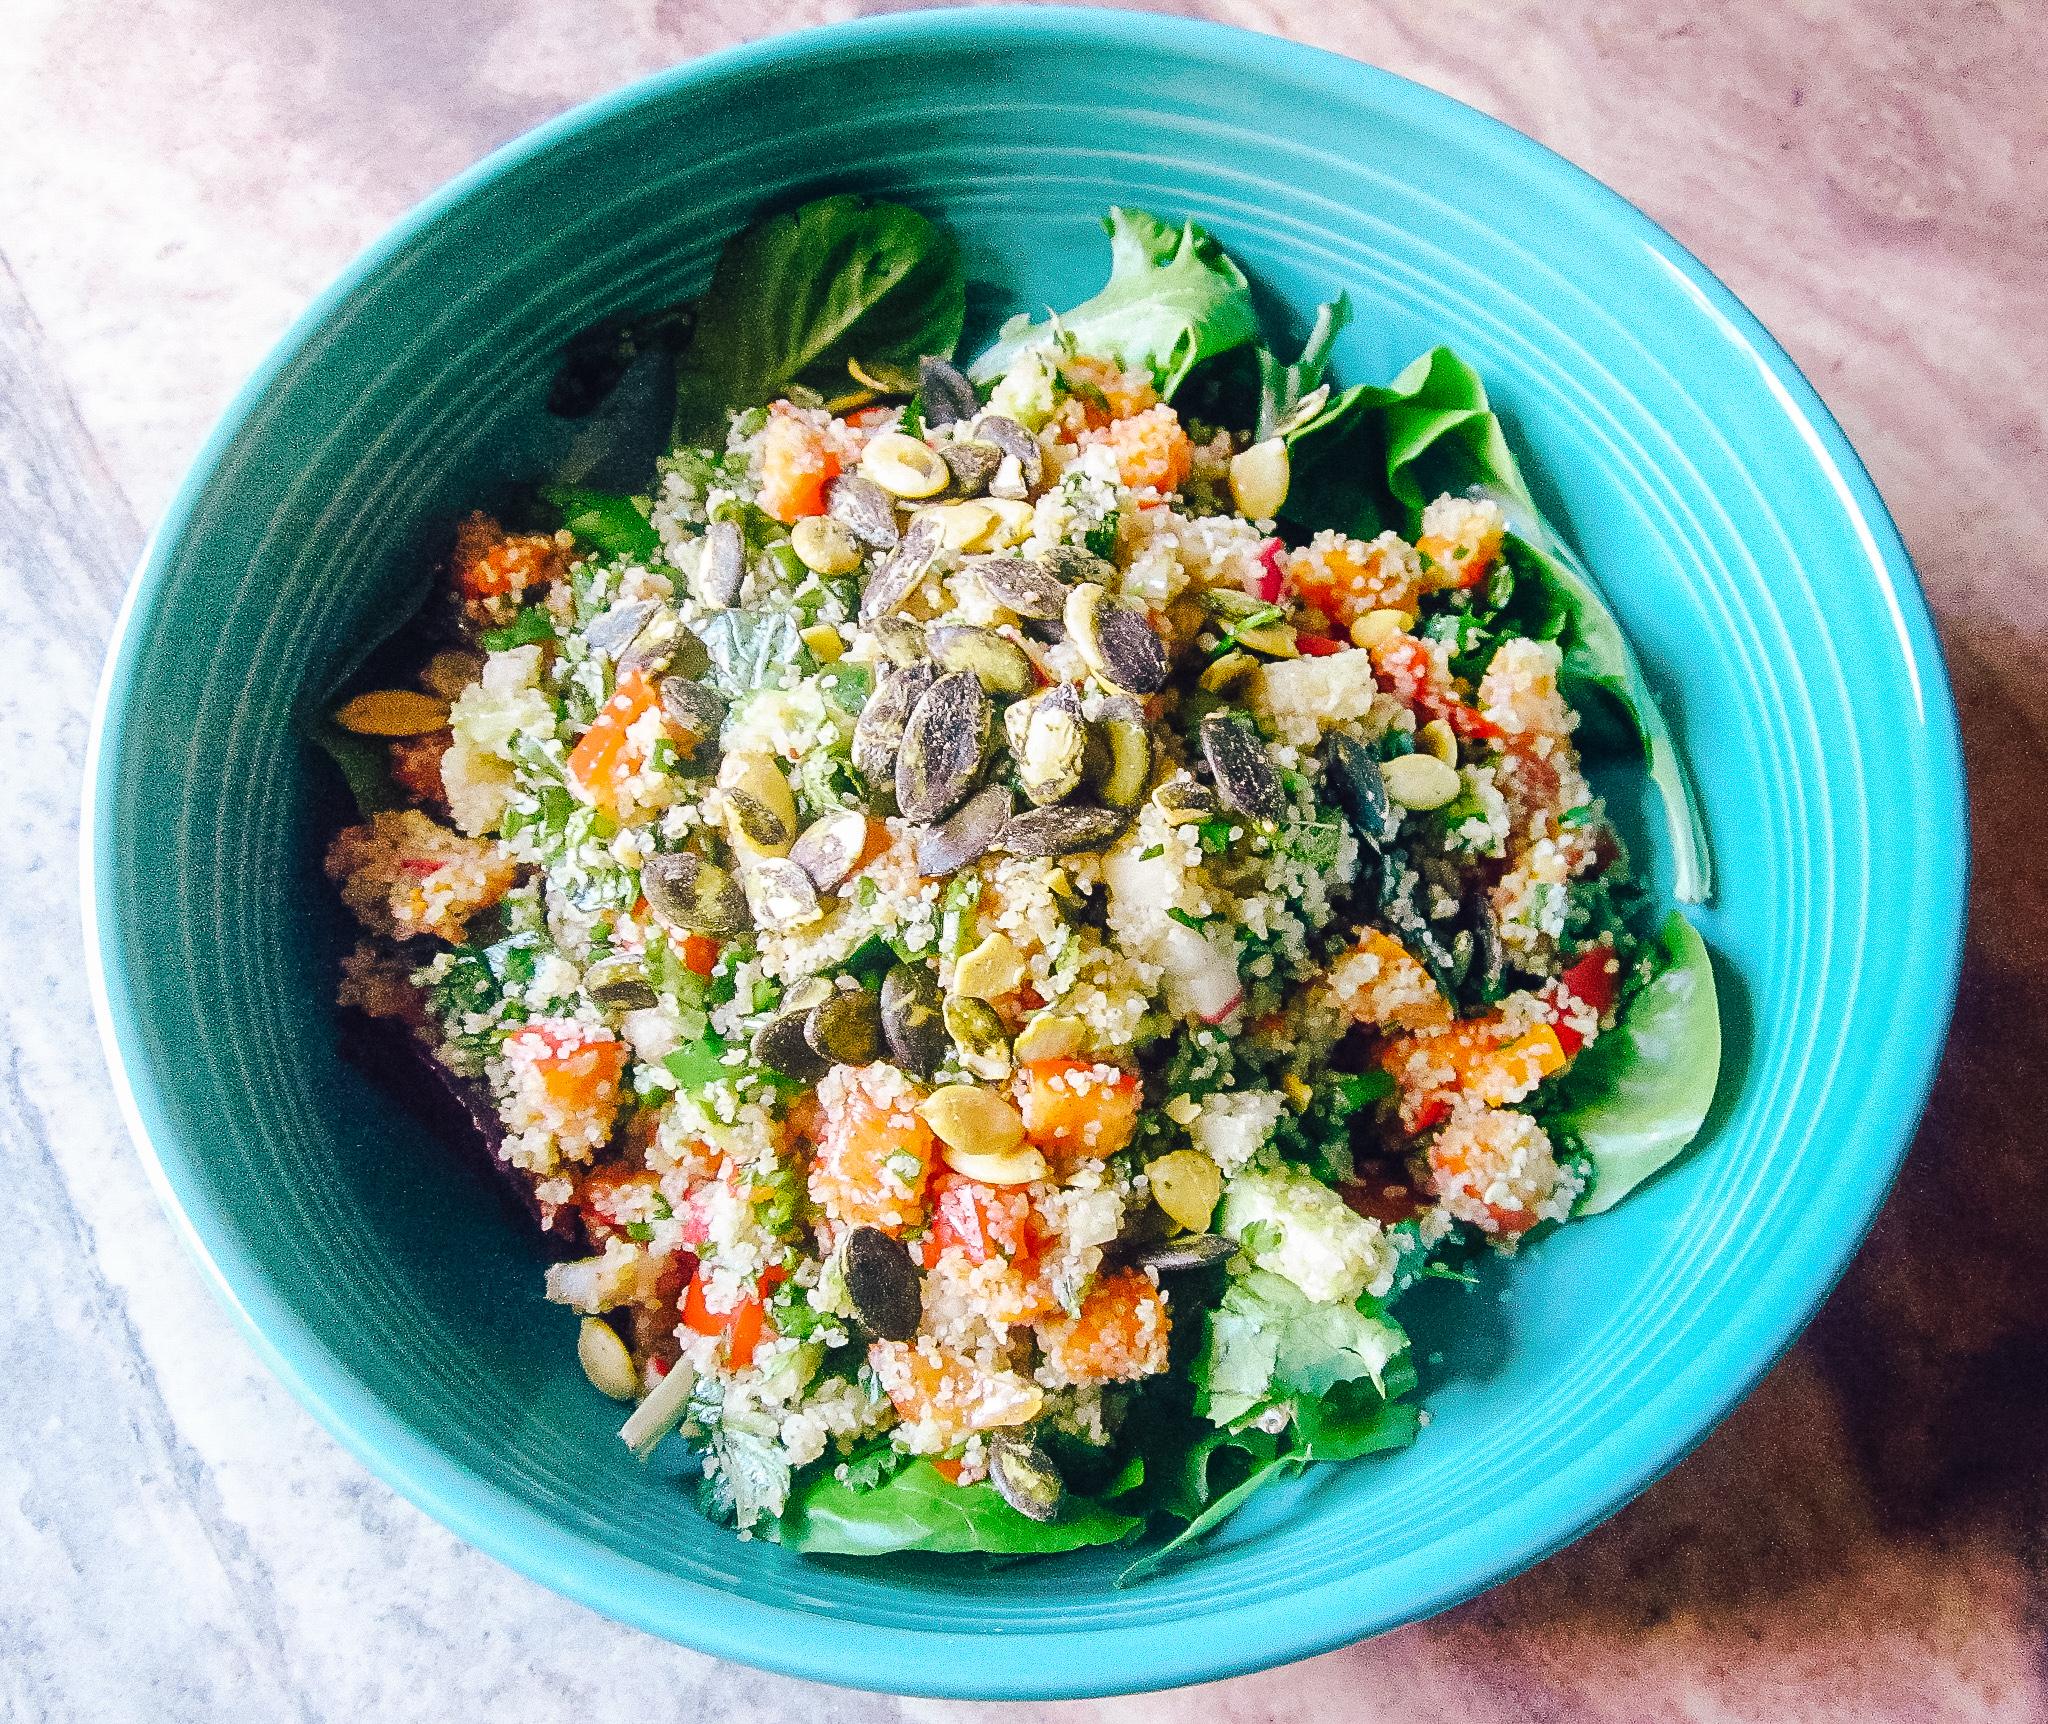 fonio-salad-recipe-vegan